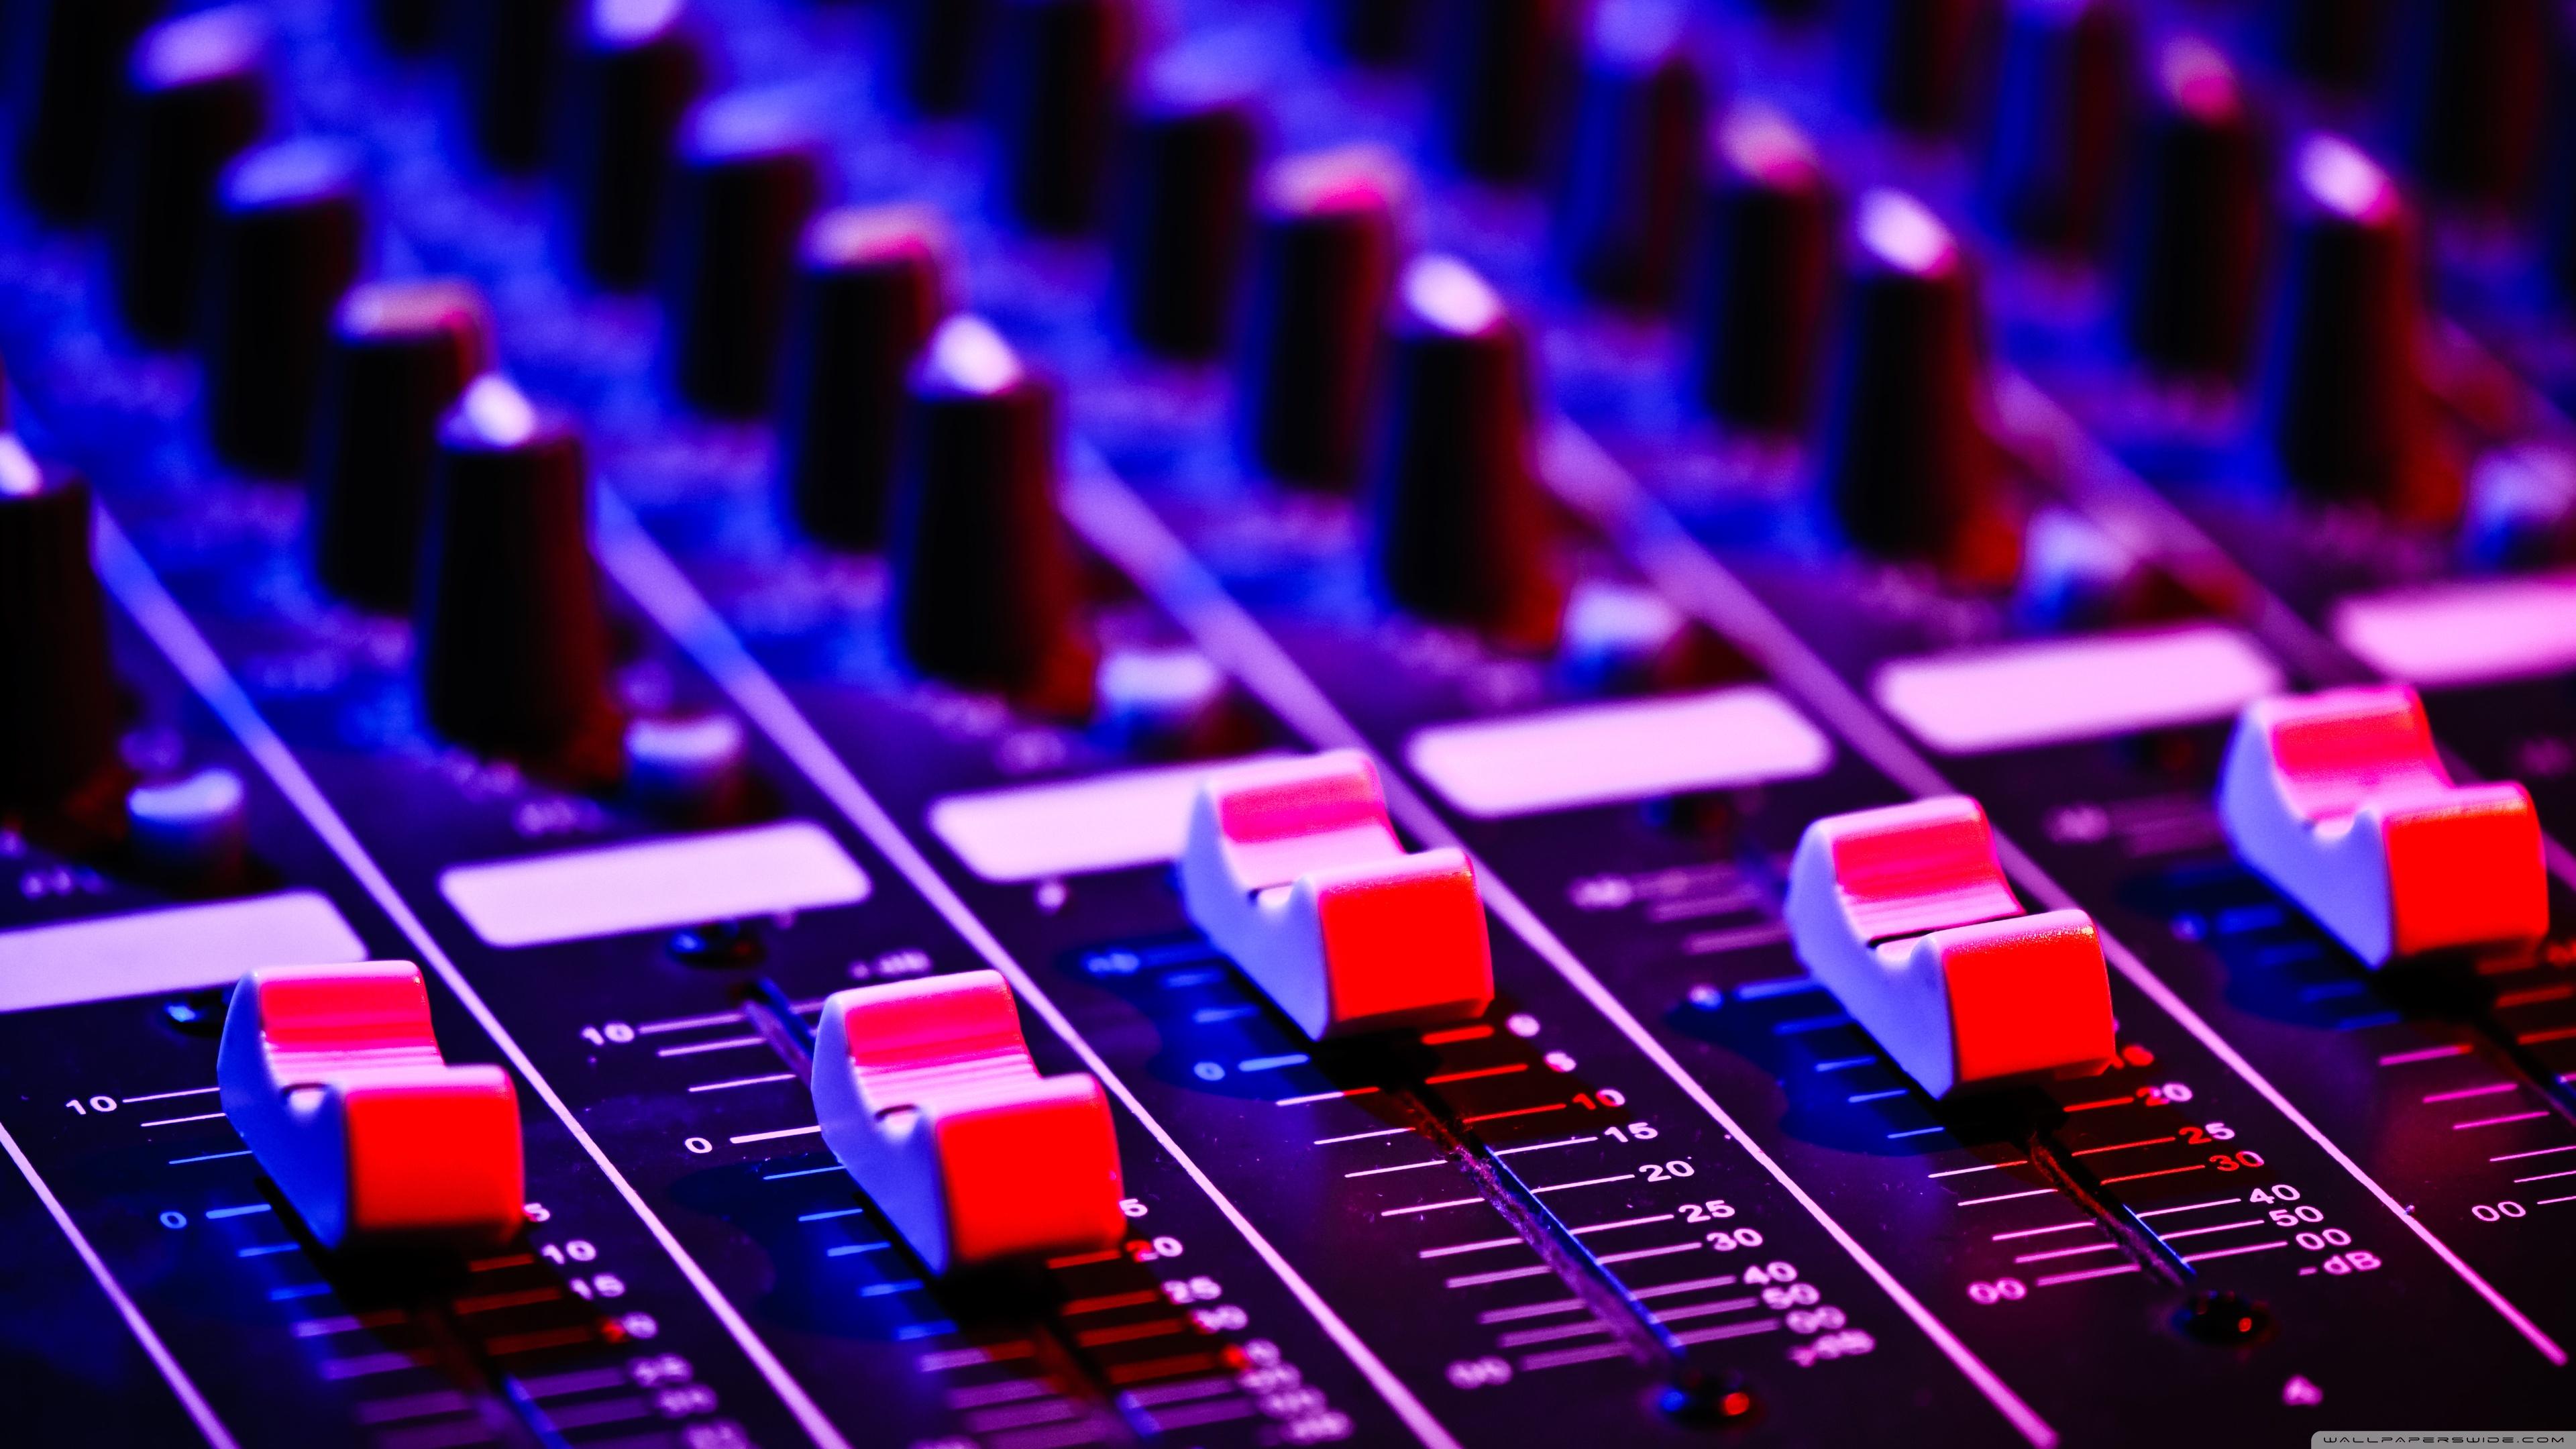 audio_mix-wallpaper-3840x2160